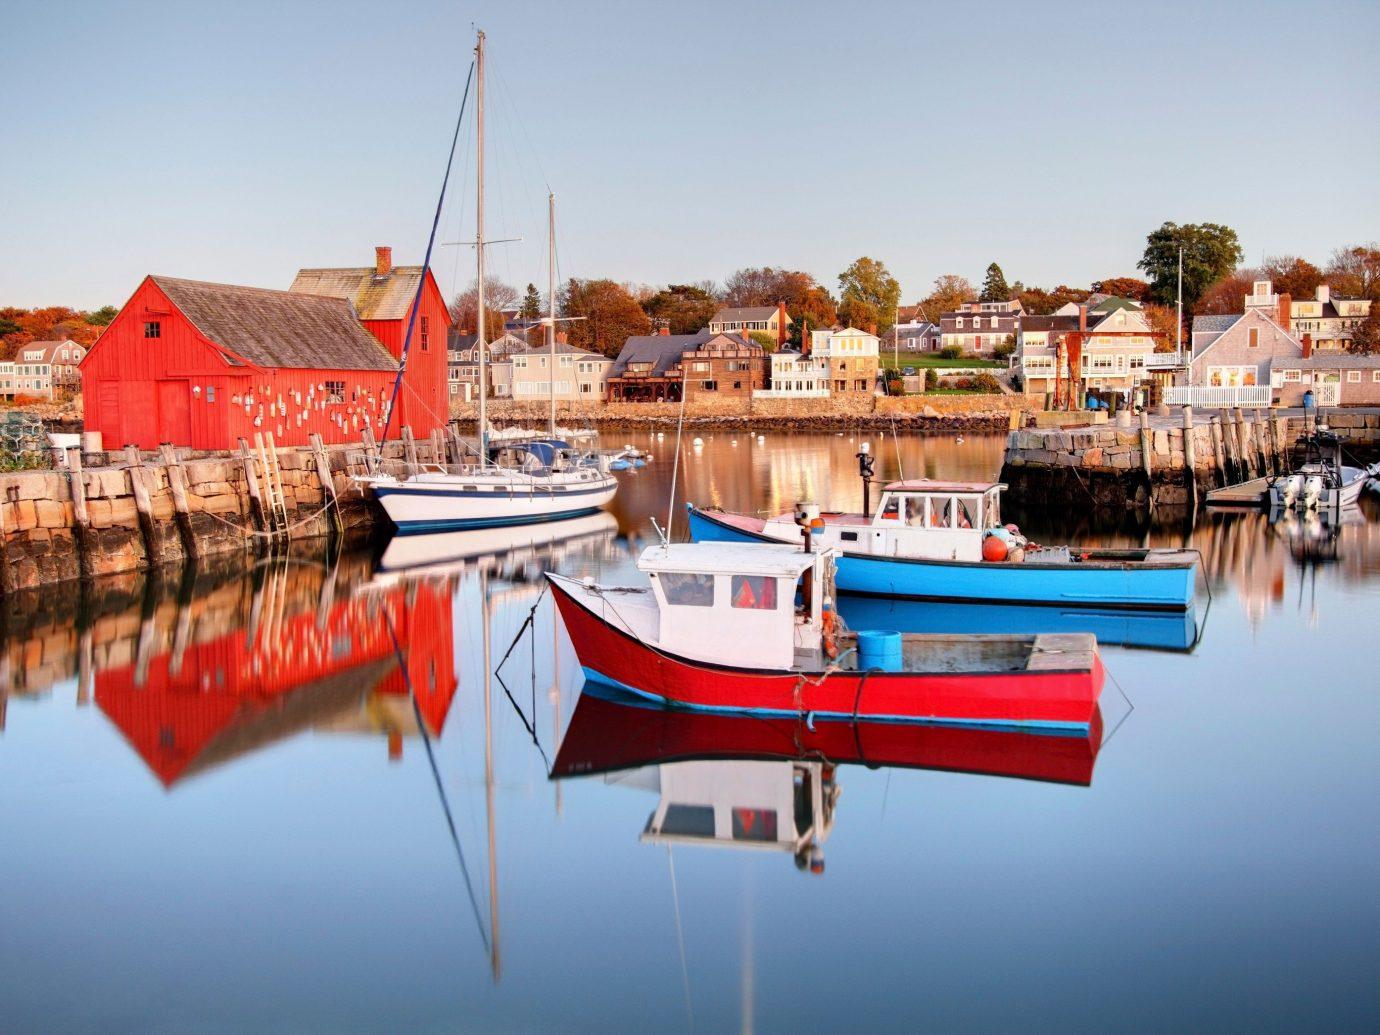 Trip Ideas sky water outdoor Boat scene Harbor vehicle marina dock reflection vacation Sea port cityscape tied